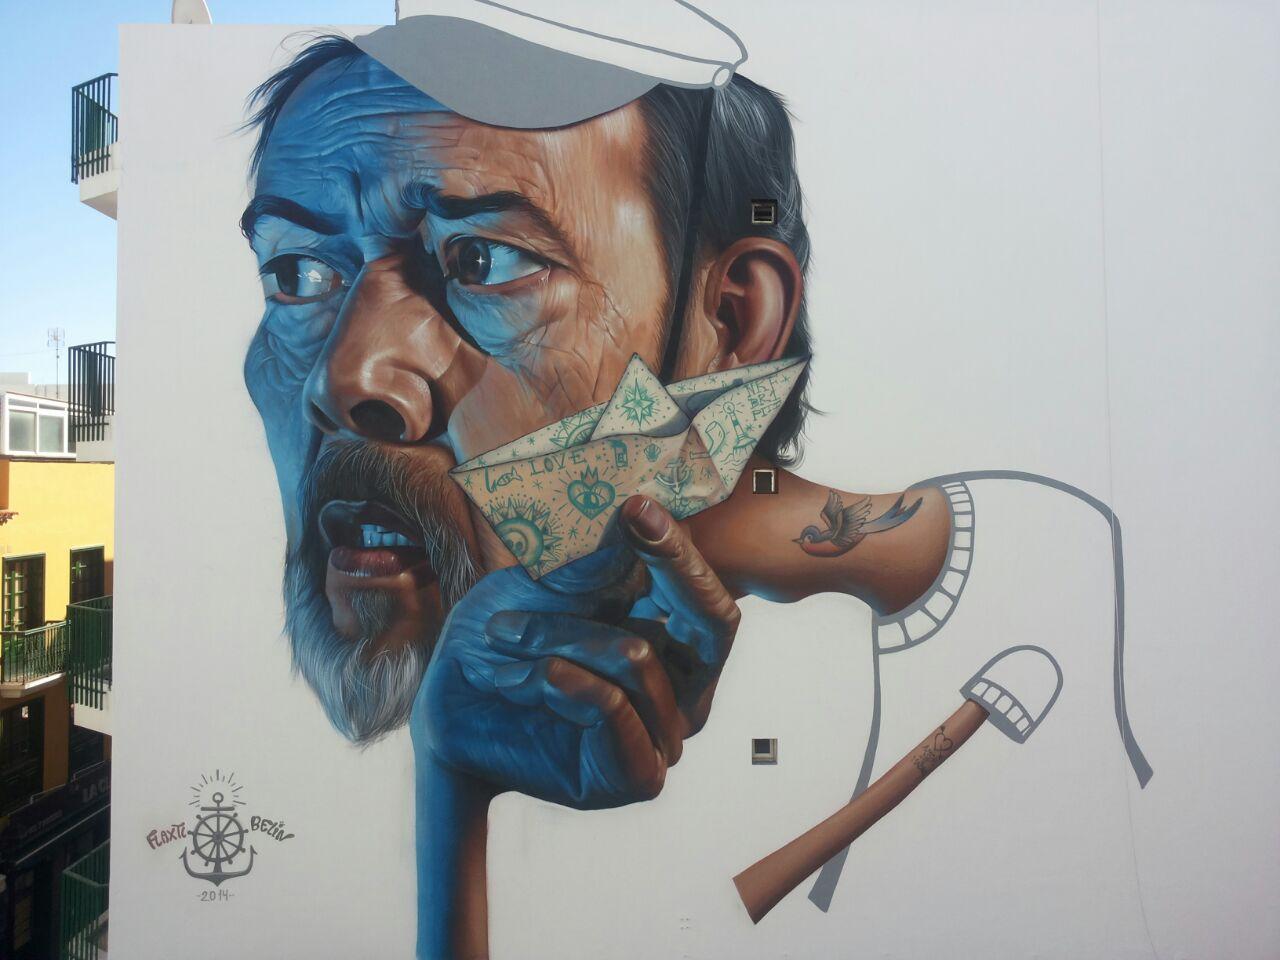 El arte urbano nuevo atractivo turístico del Puerto de la Cruz